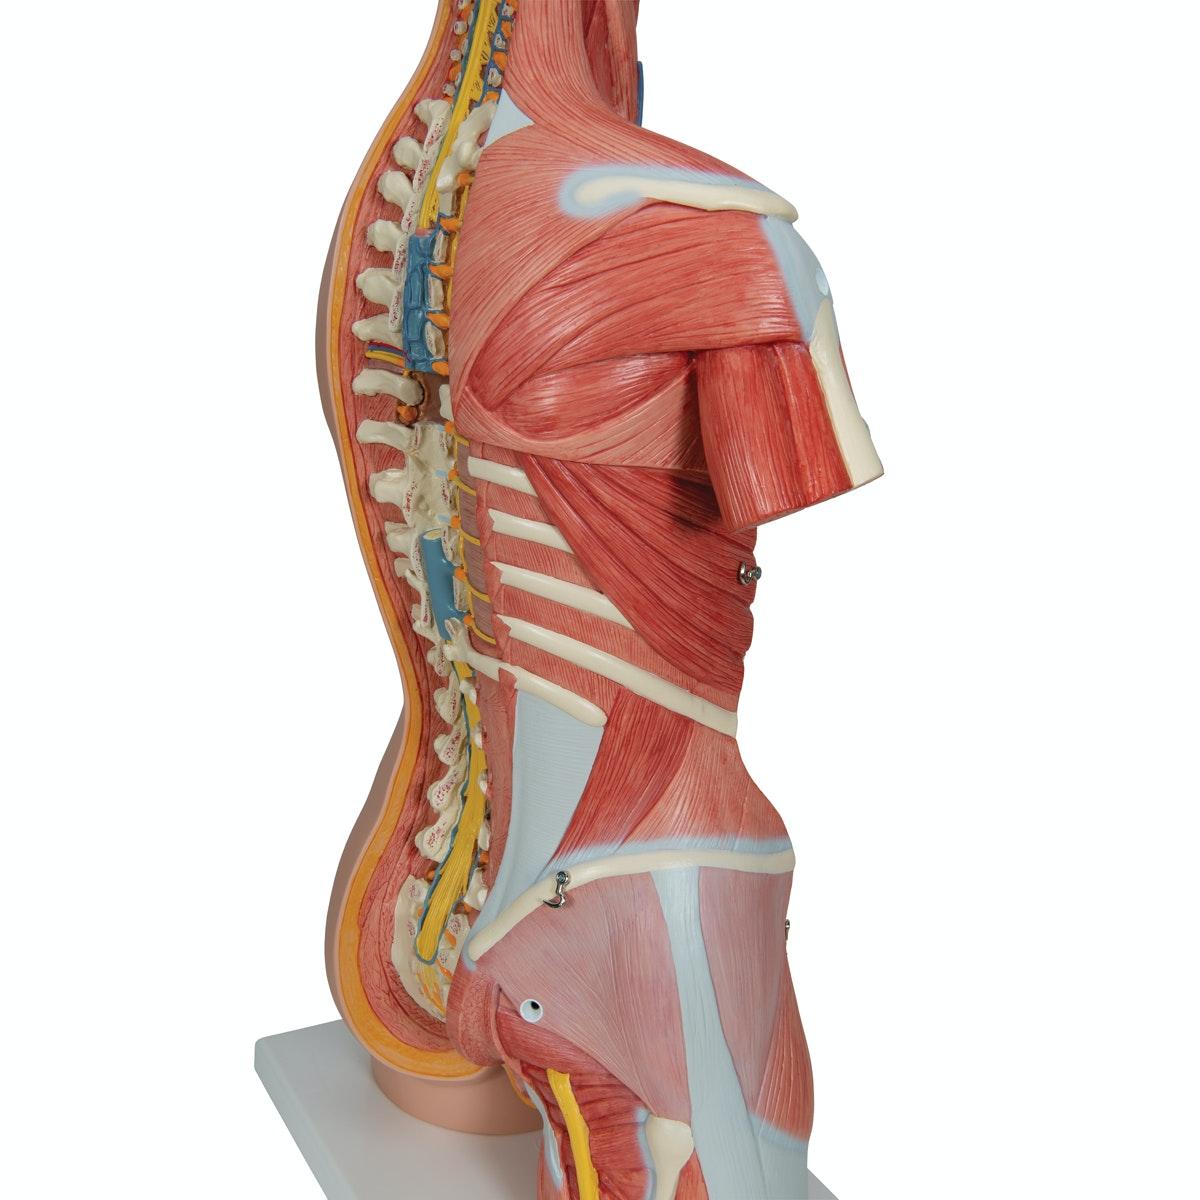 Komplet torso med 30 udtagelige dele, åben ryg, muskler, et foster og udskiftelige kønsorganer